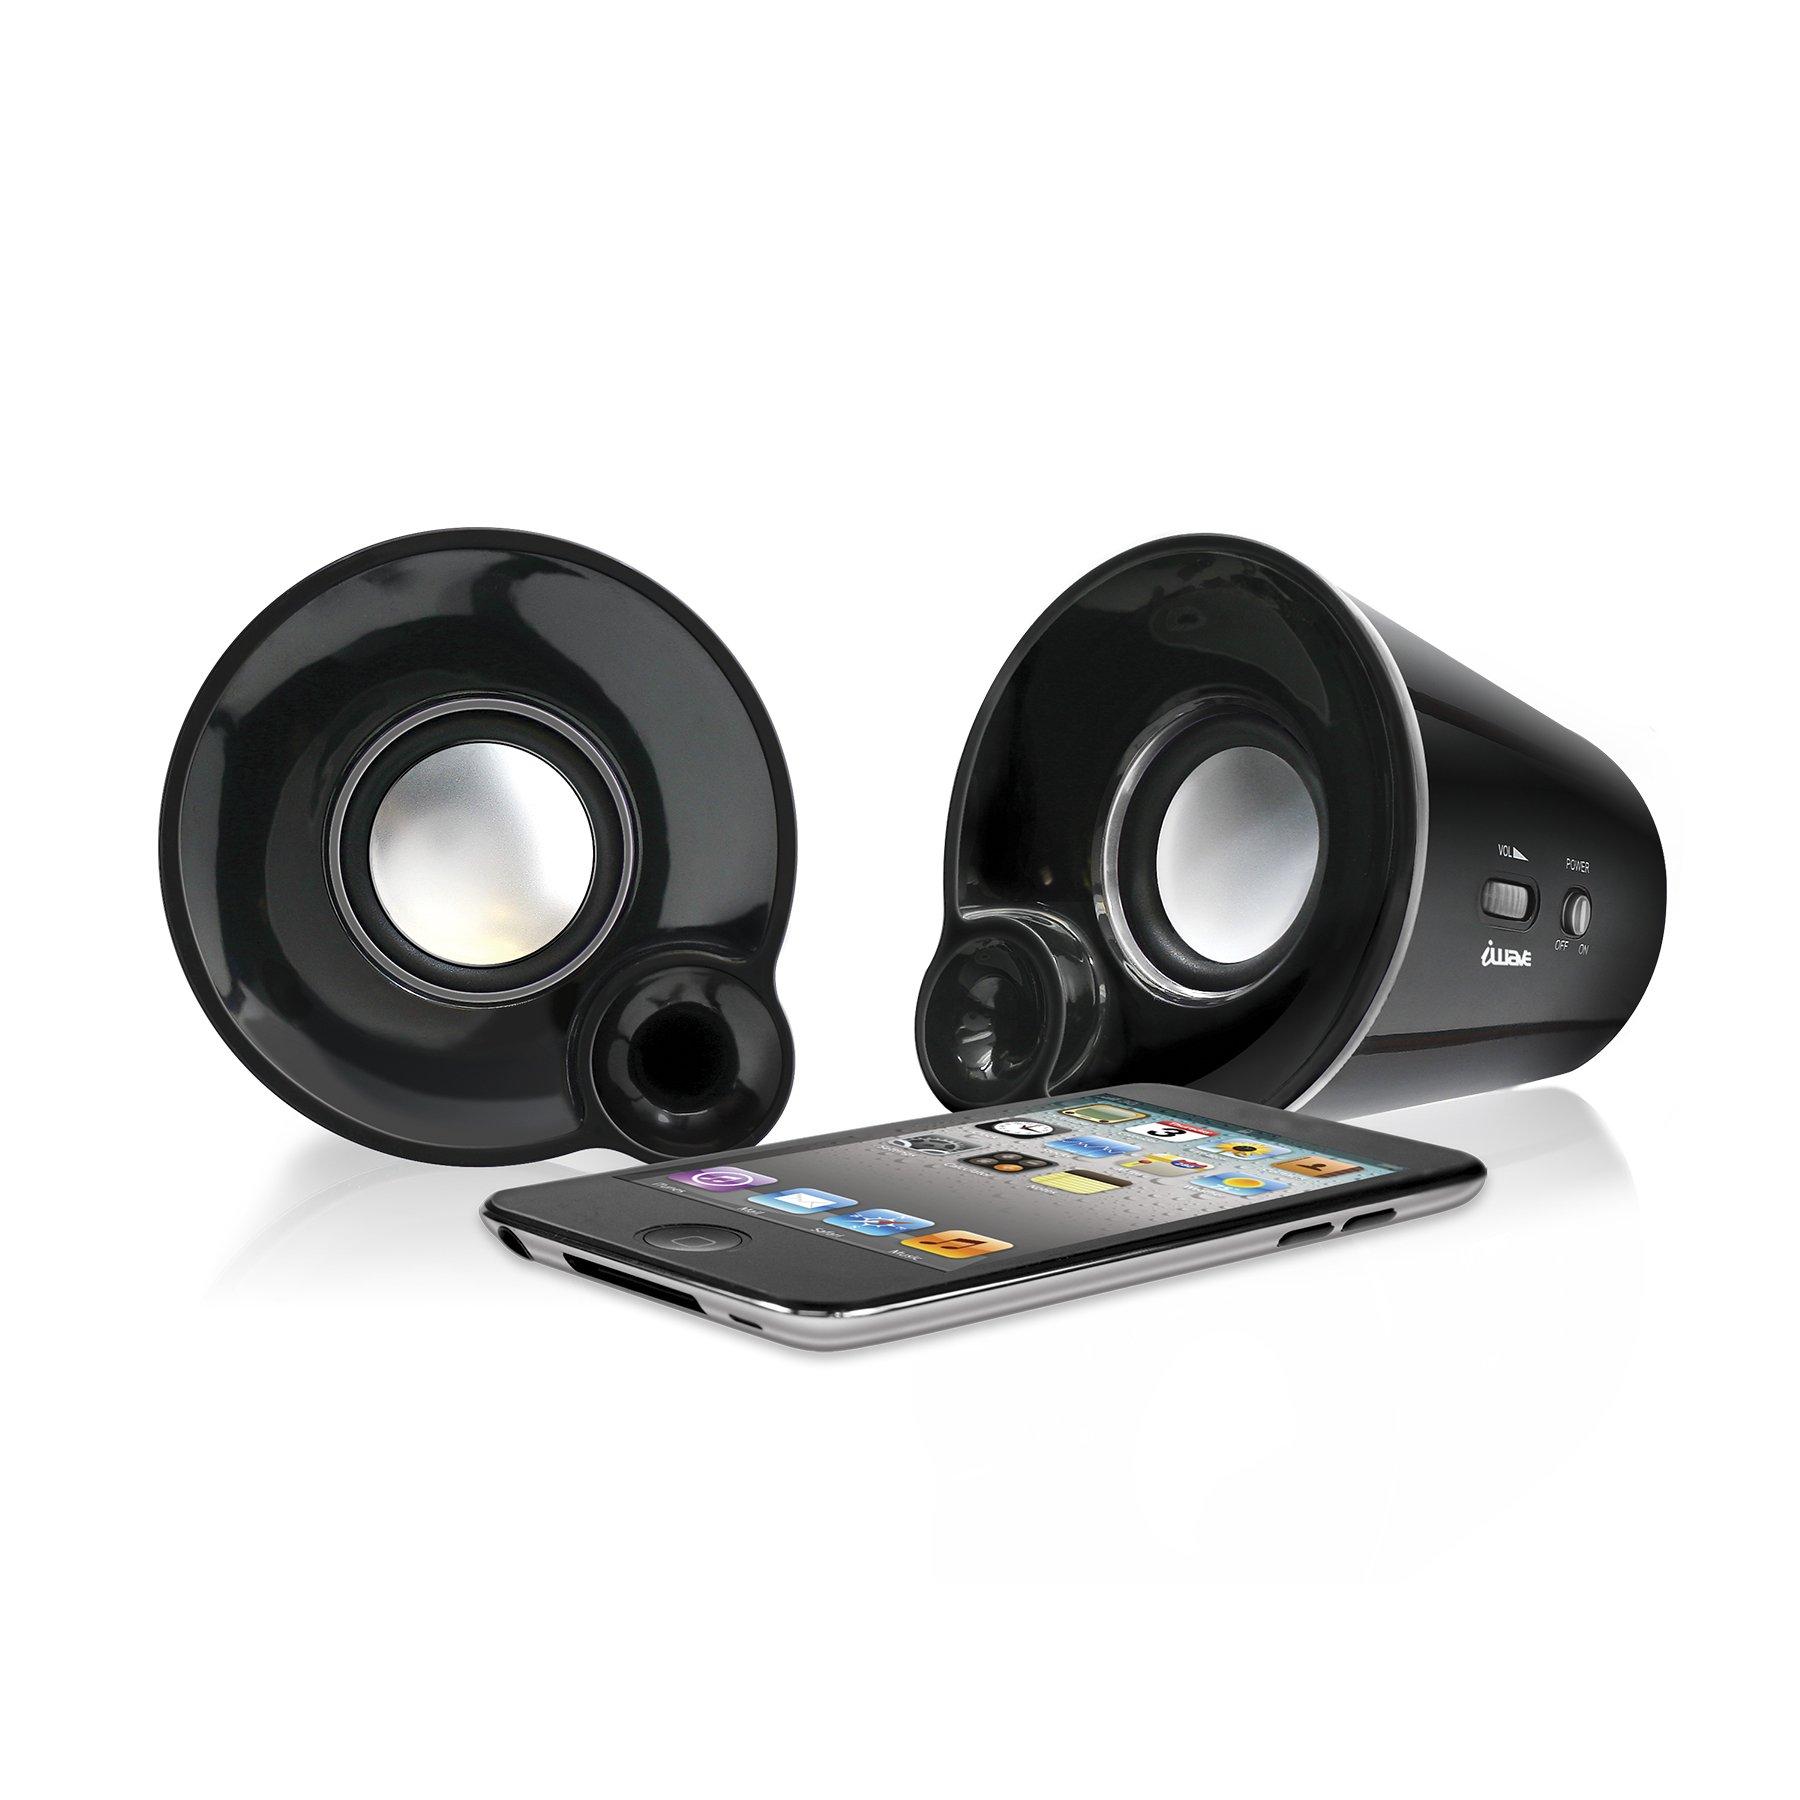 iWAVE Zoom Powerful Desktop Speakers with Universal Plug